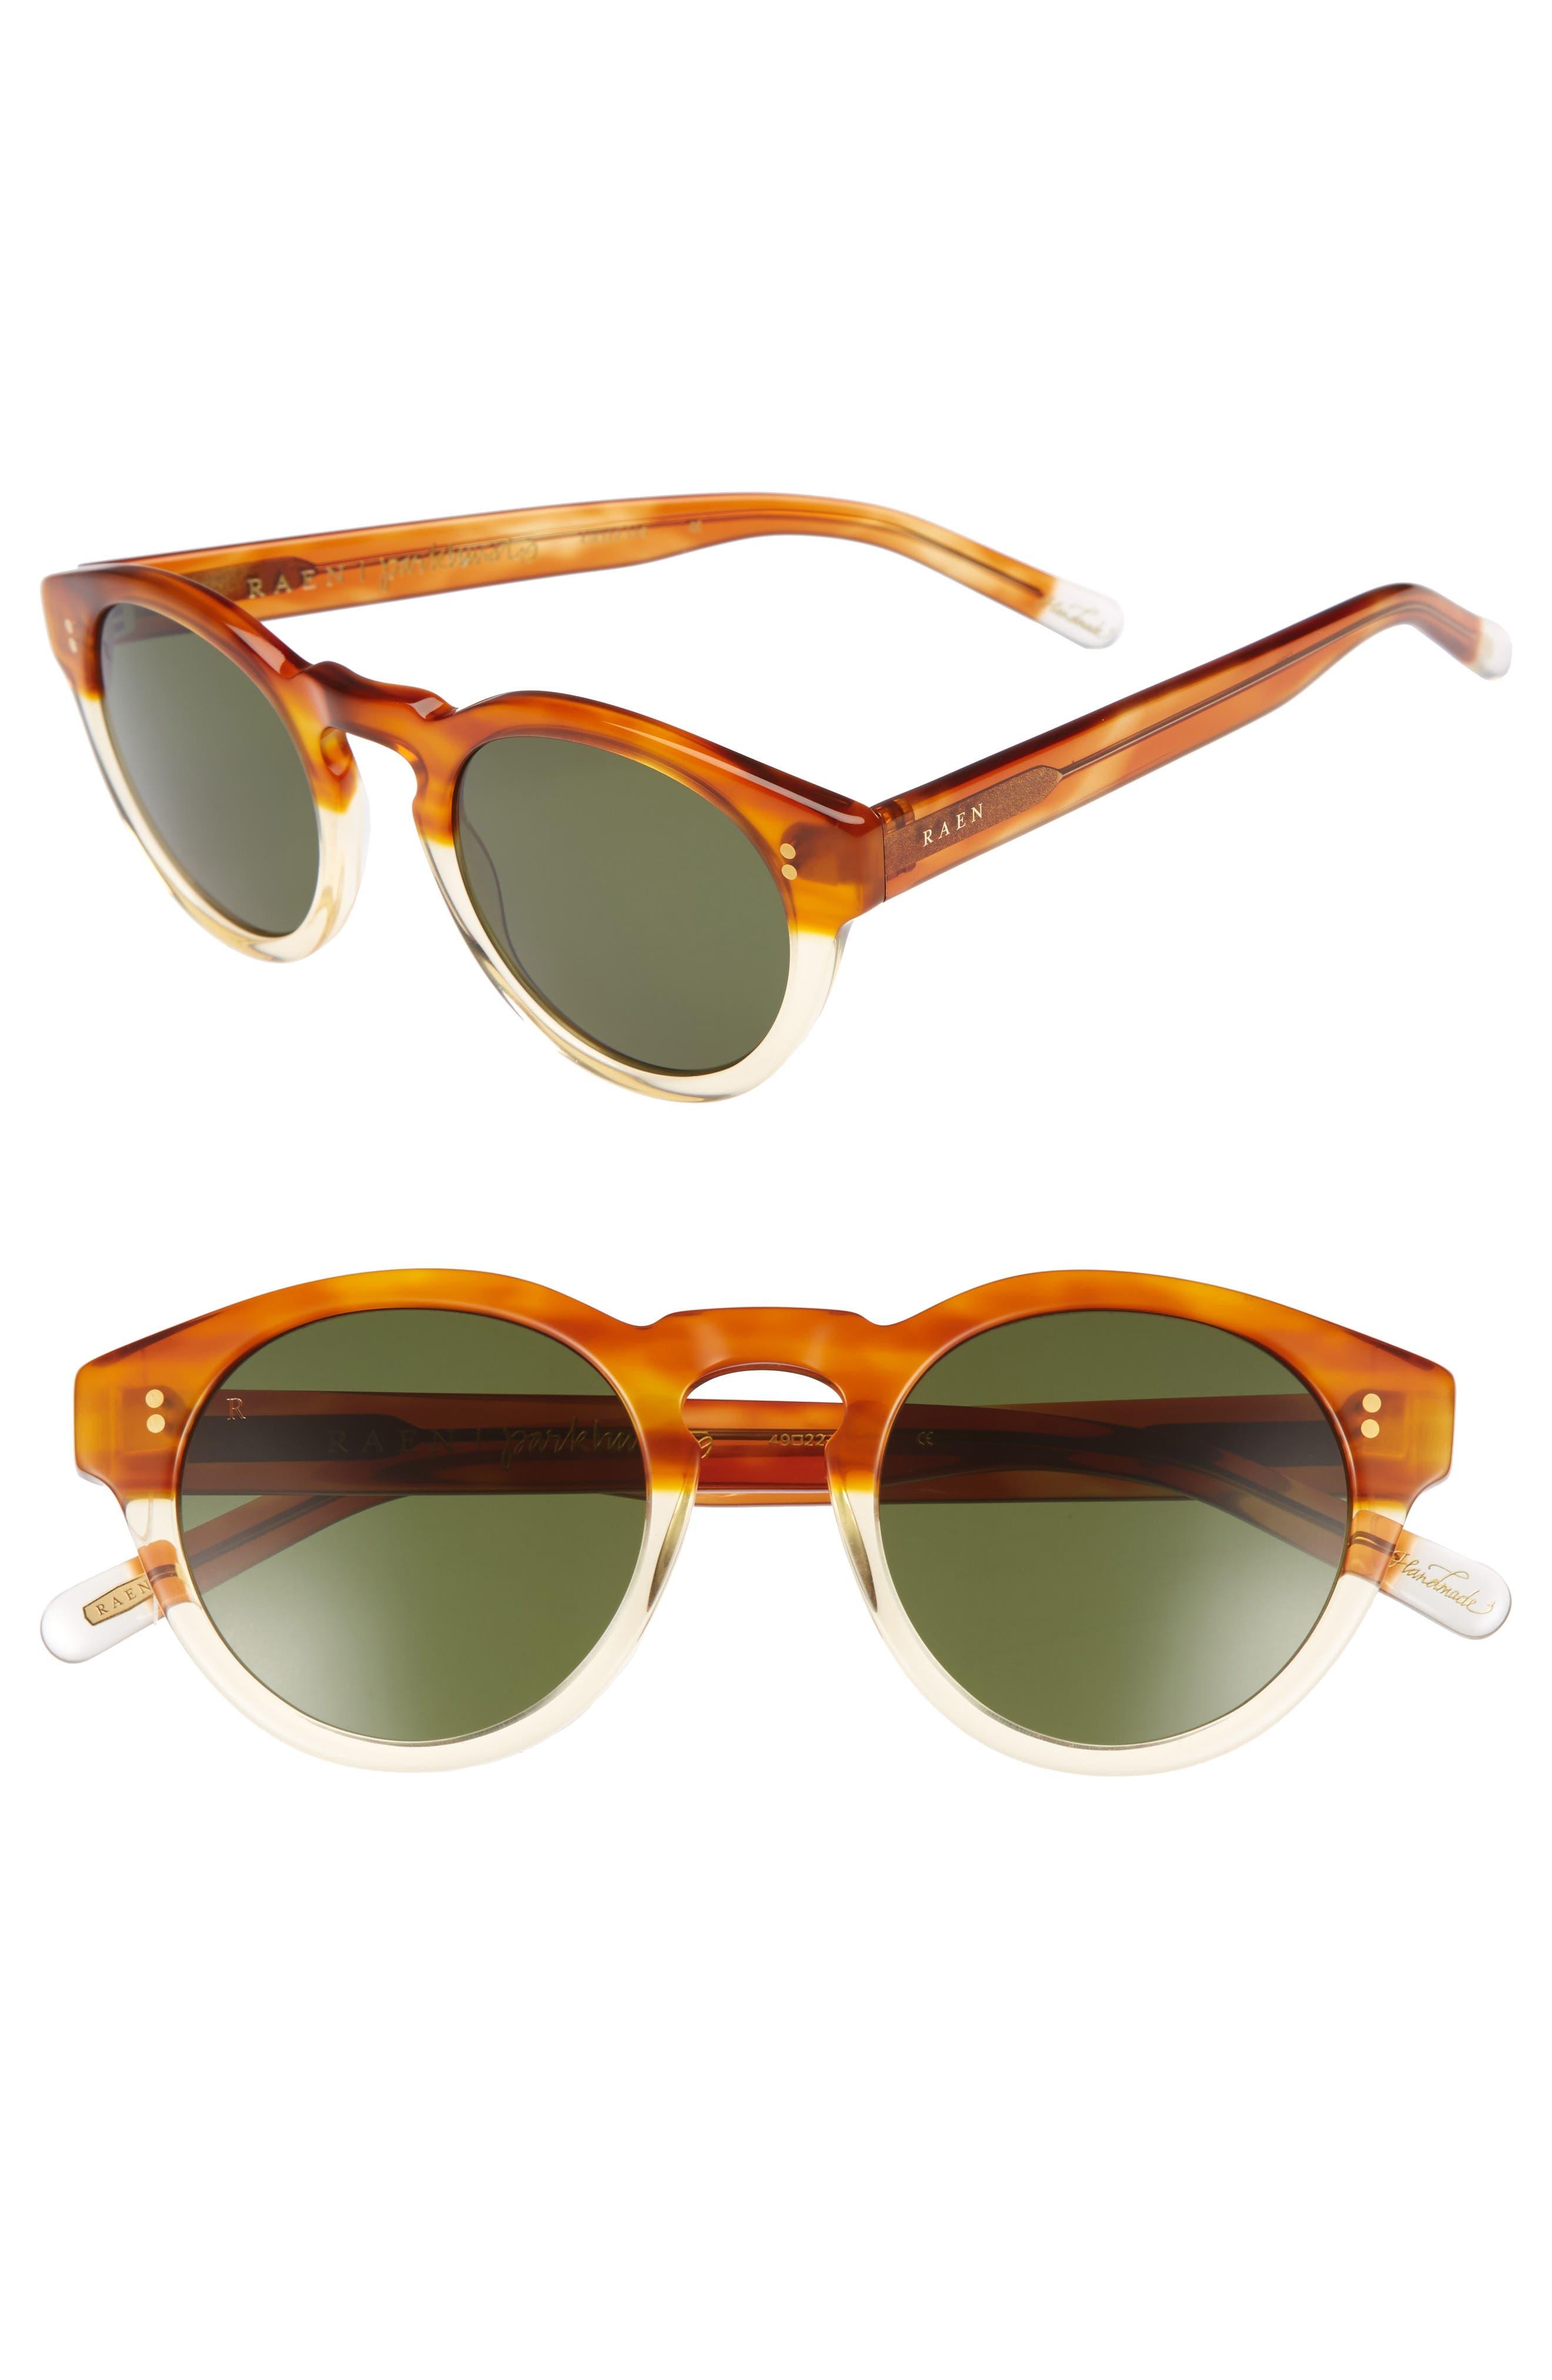 RAEN Parkhurst 49Mm Sunglasses - Honey Havana/ Green